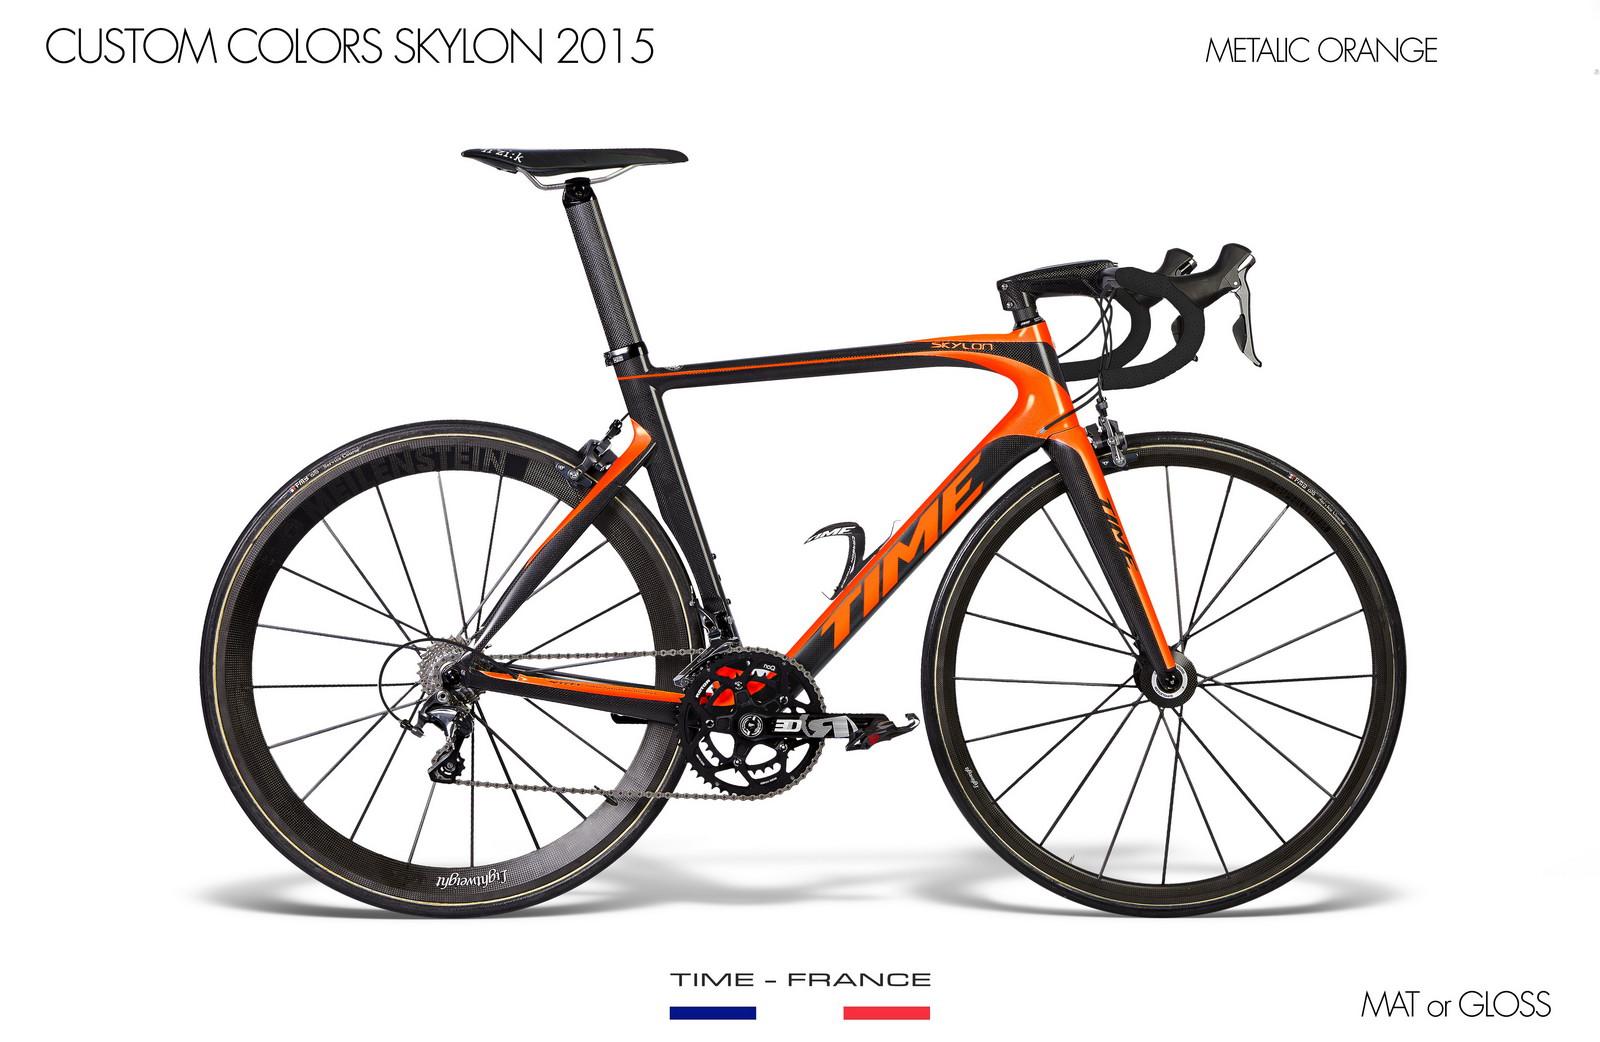 Skylon metalic orange